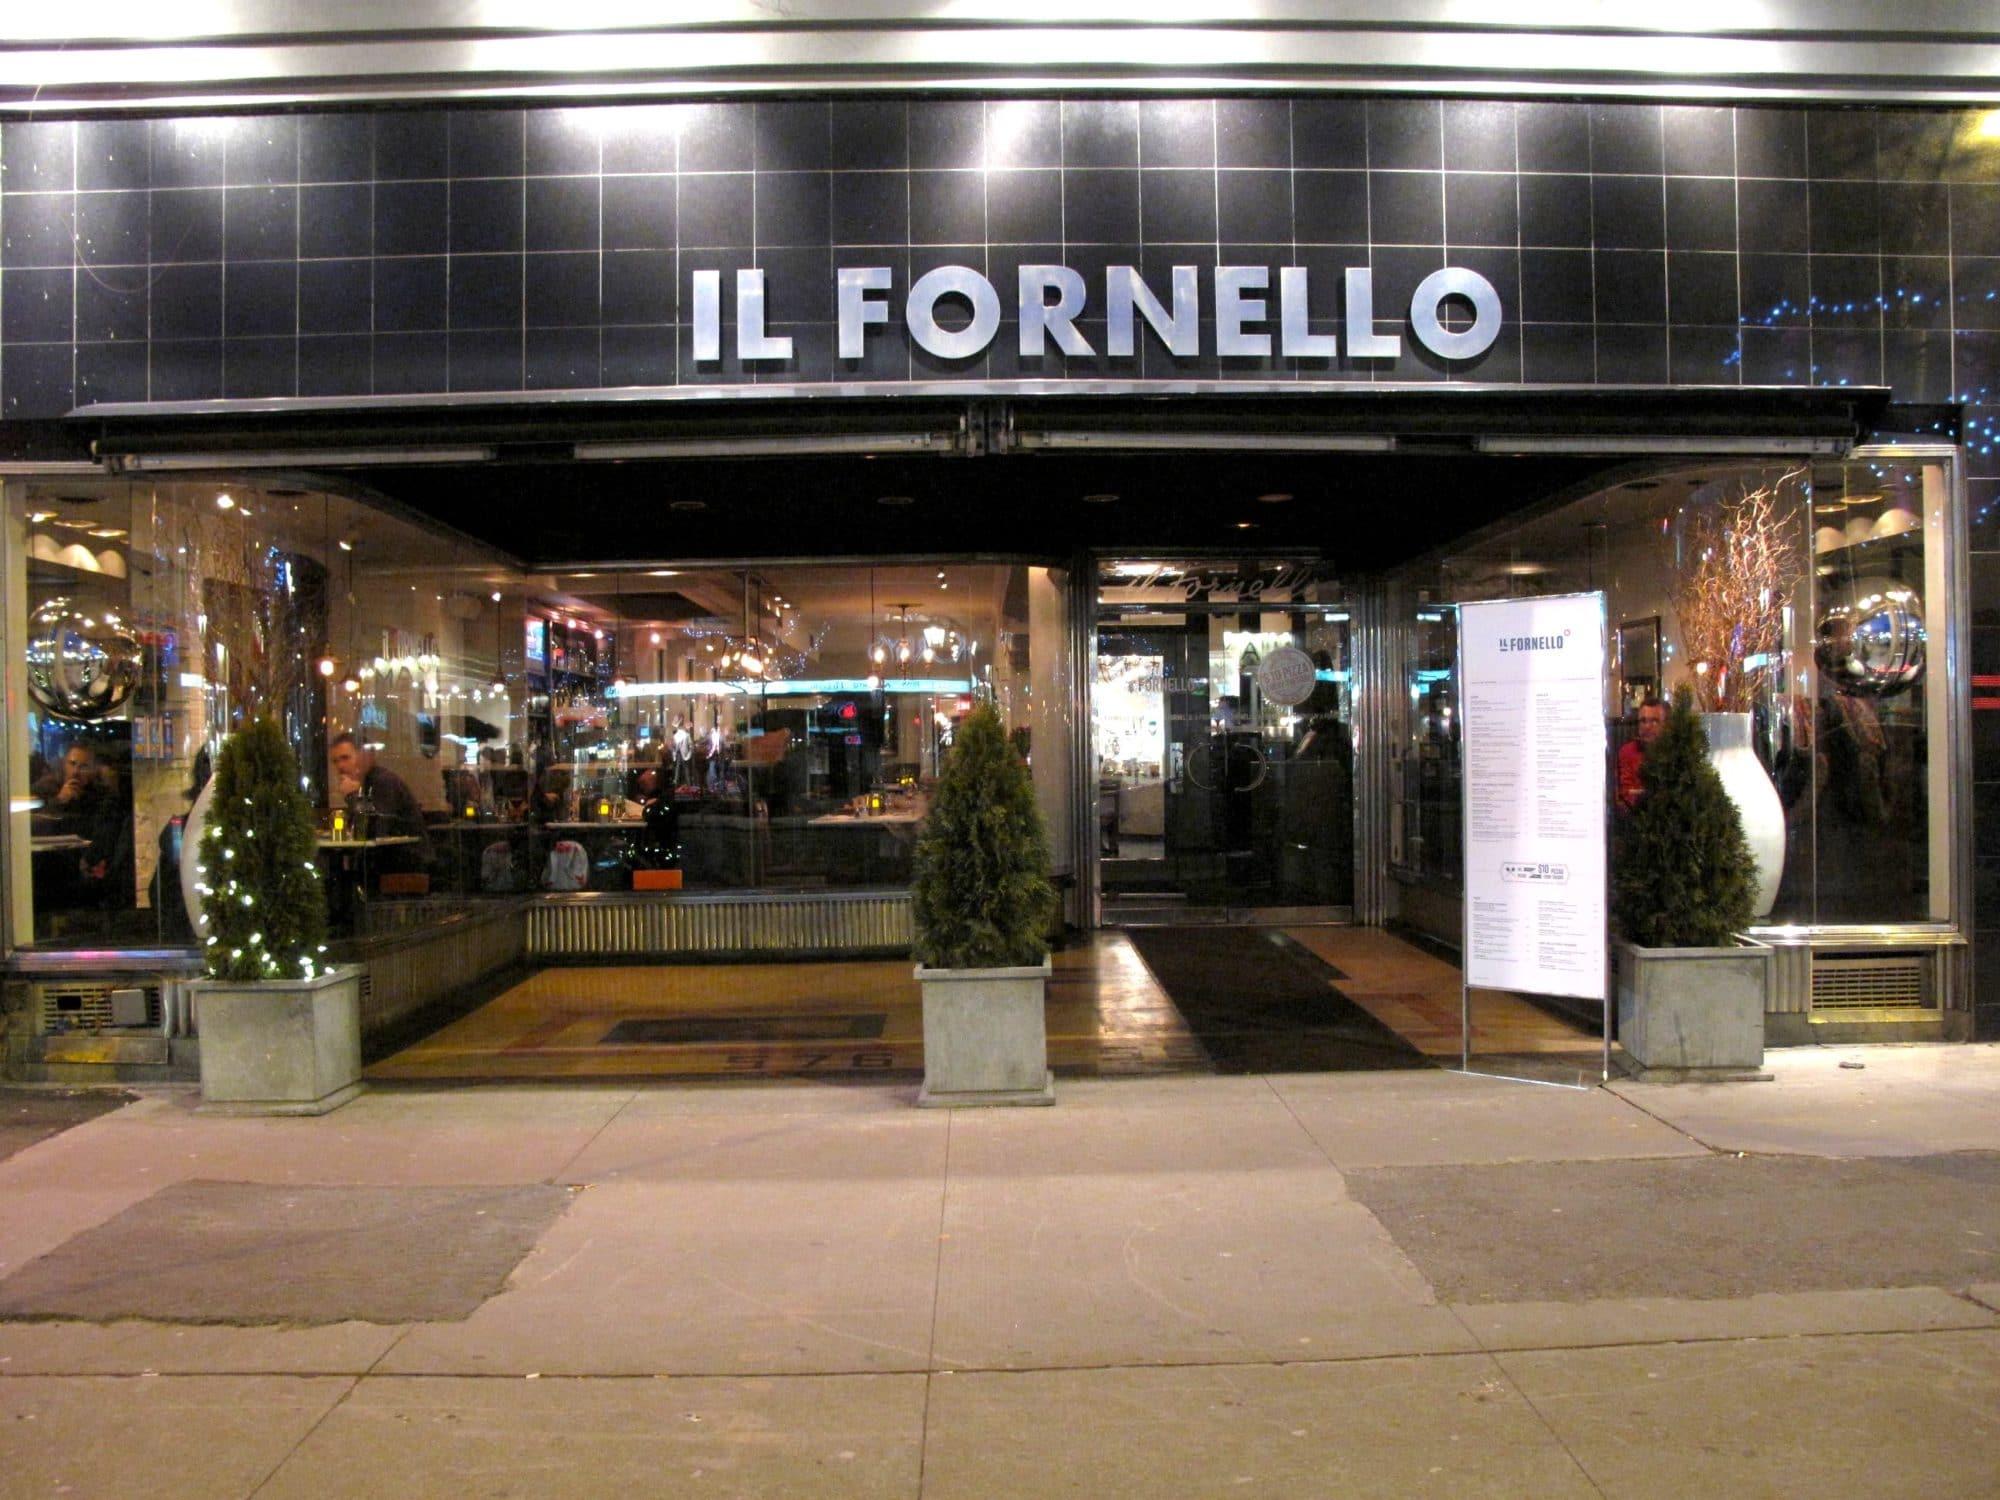 Step inside Il Fornello Danforth.